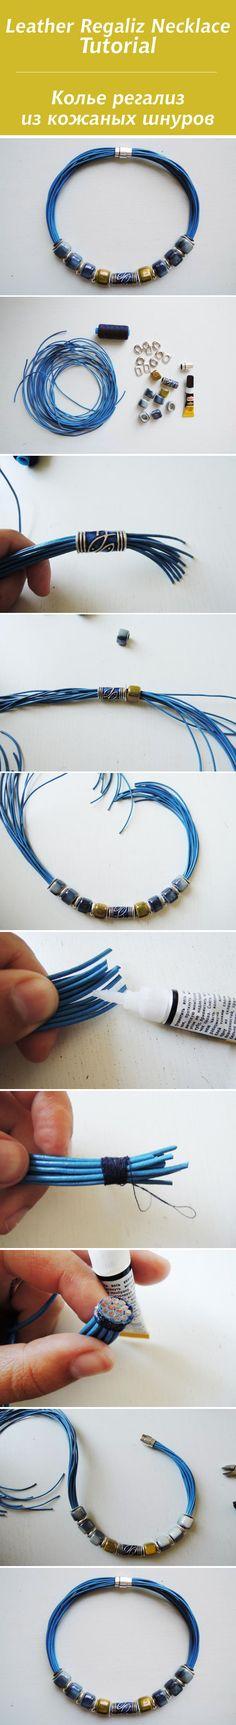 Колье регализ из кожаных шнуров / Leather regaliz Necklace Tutorial